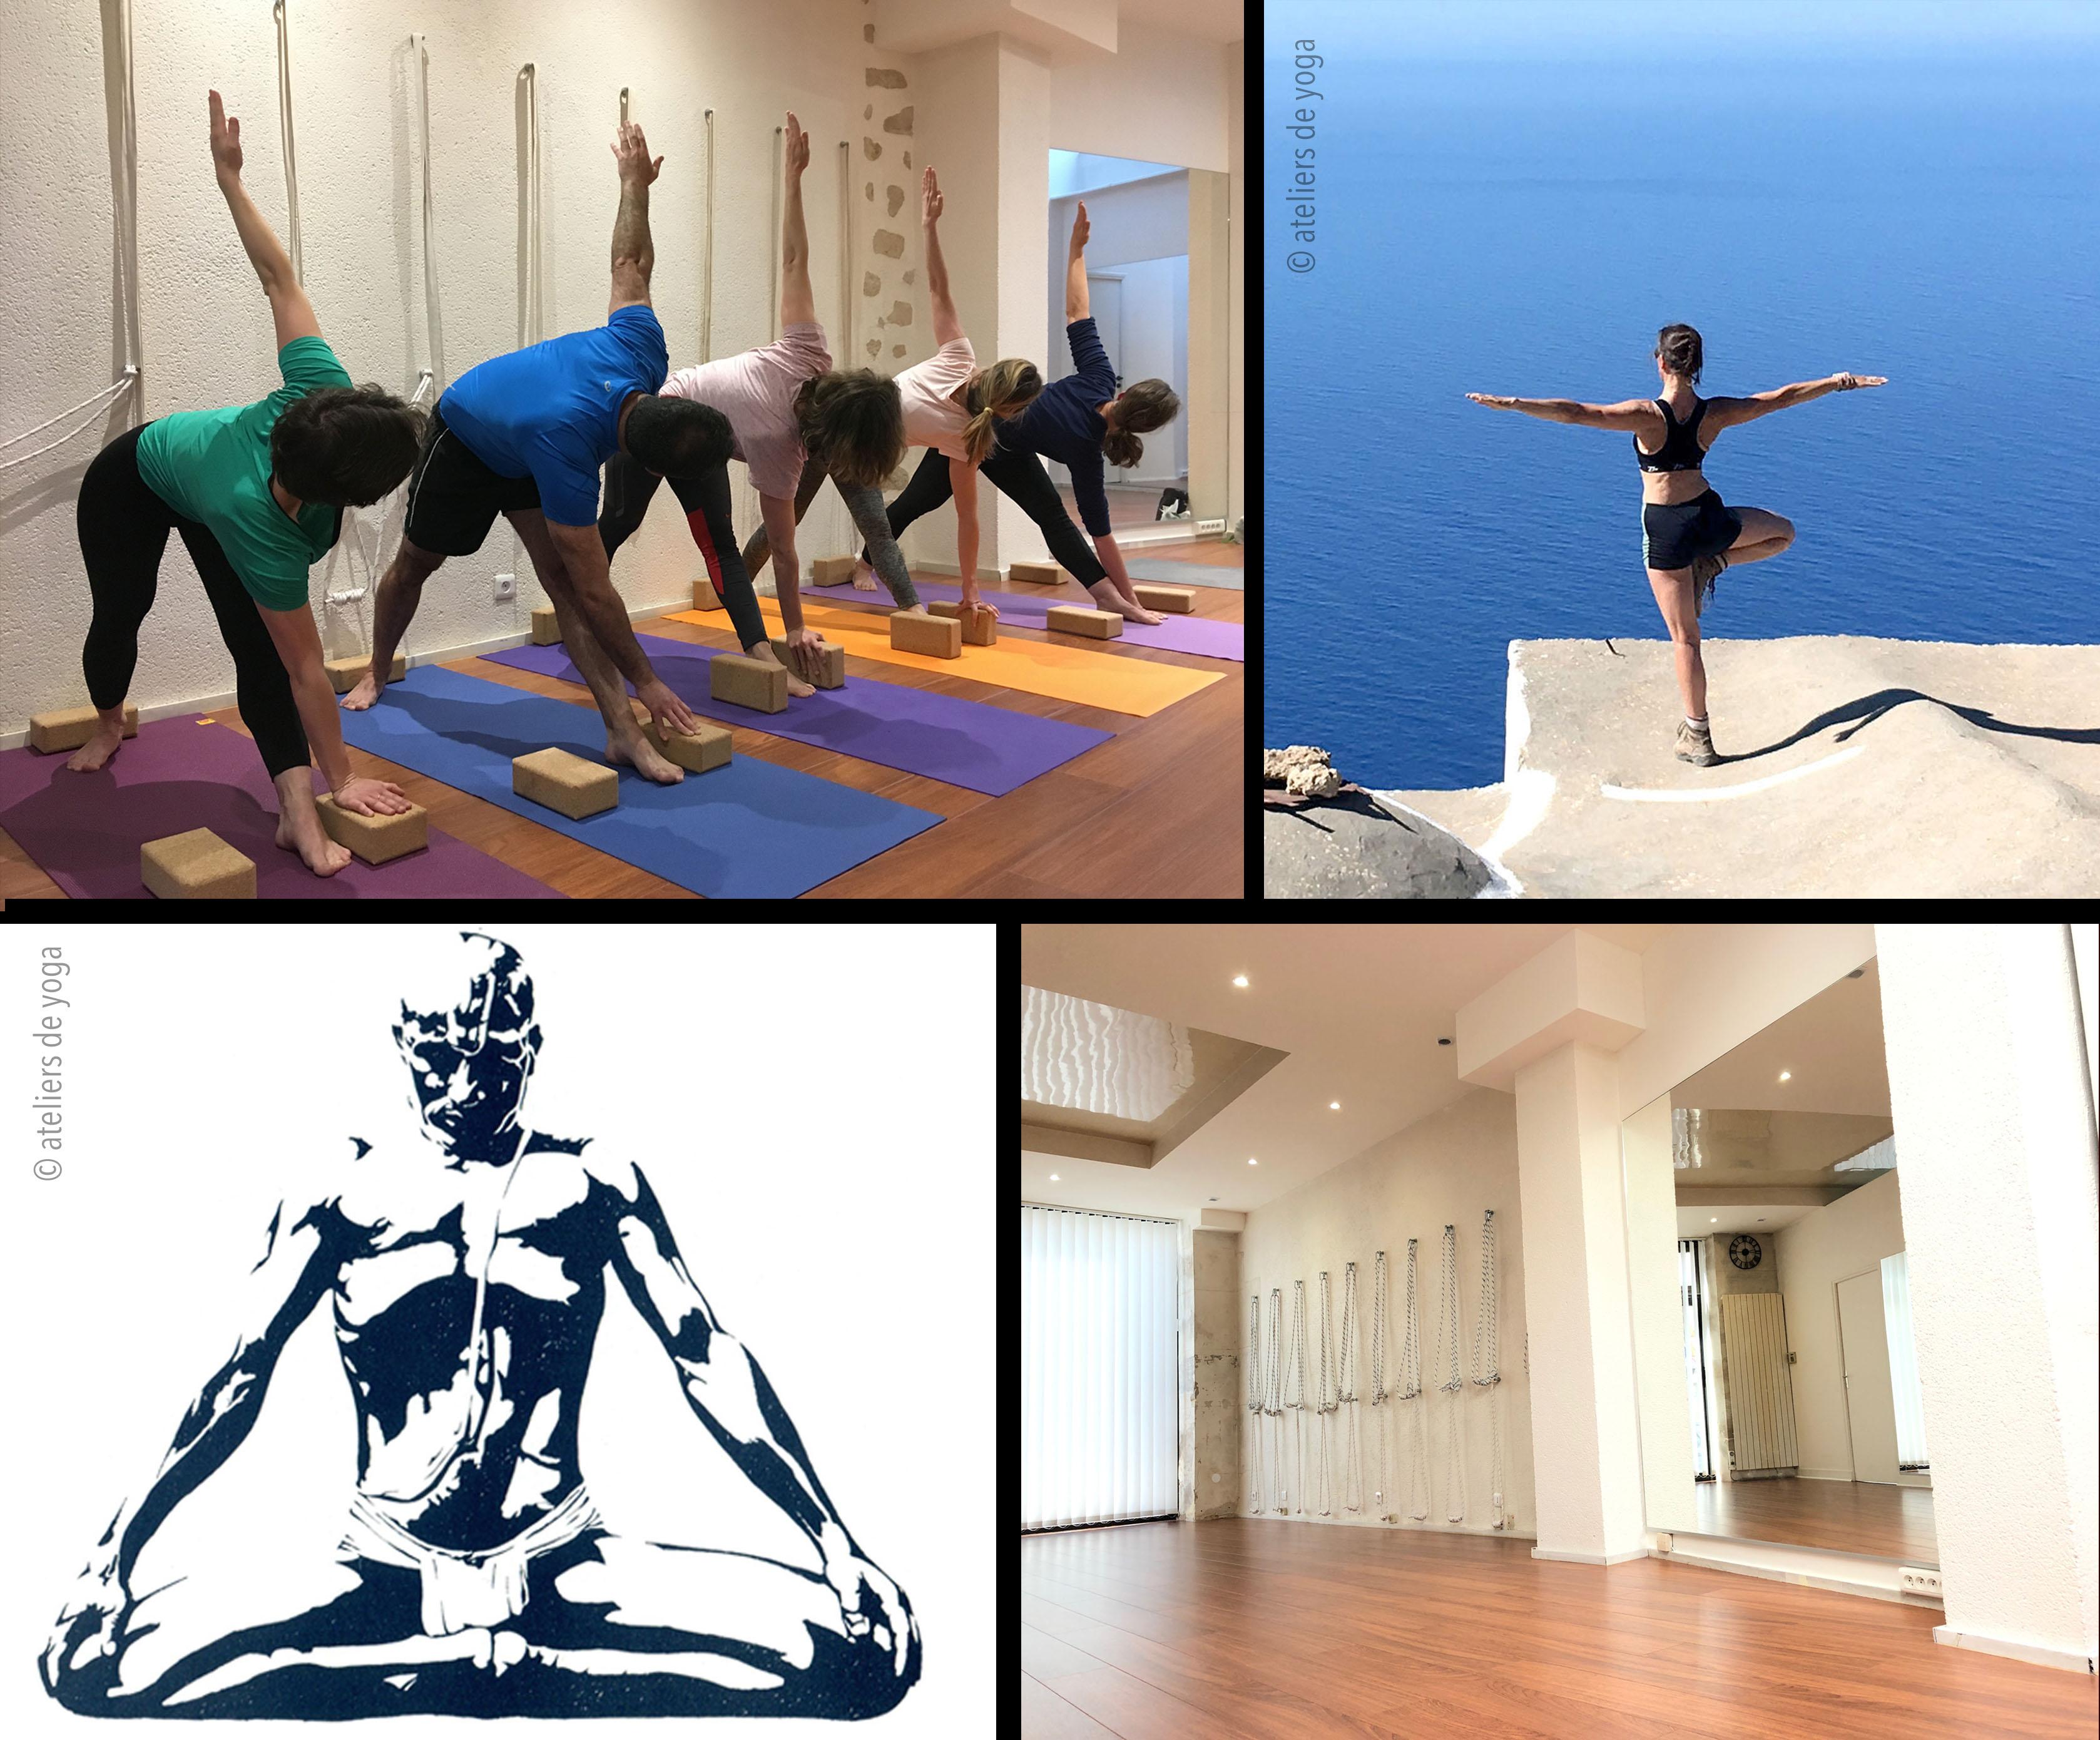 Cours de yoga paris 14ème. Pratique du Yoga Iyengar par petits groupes